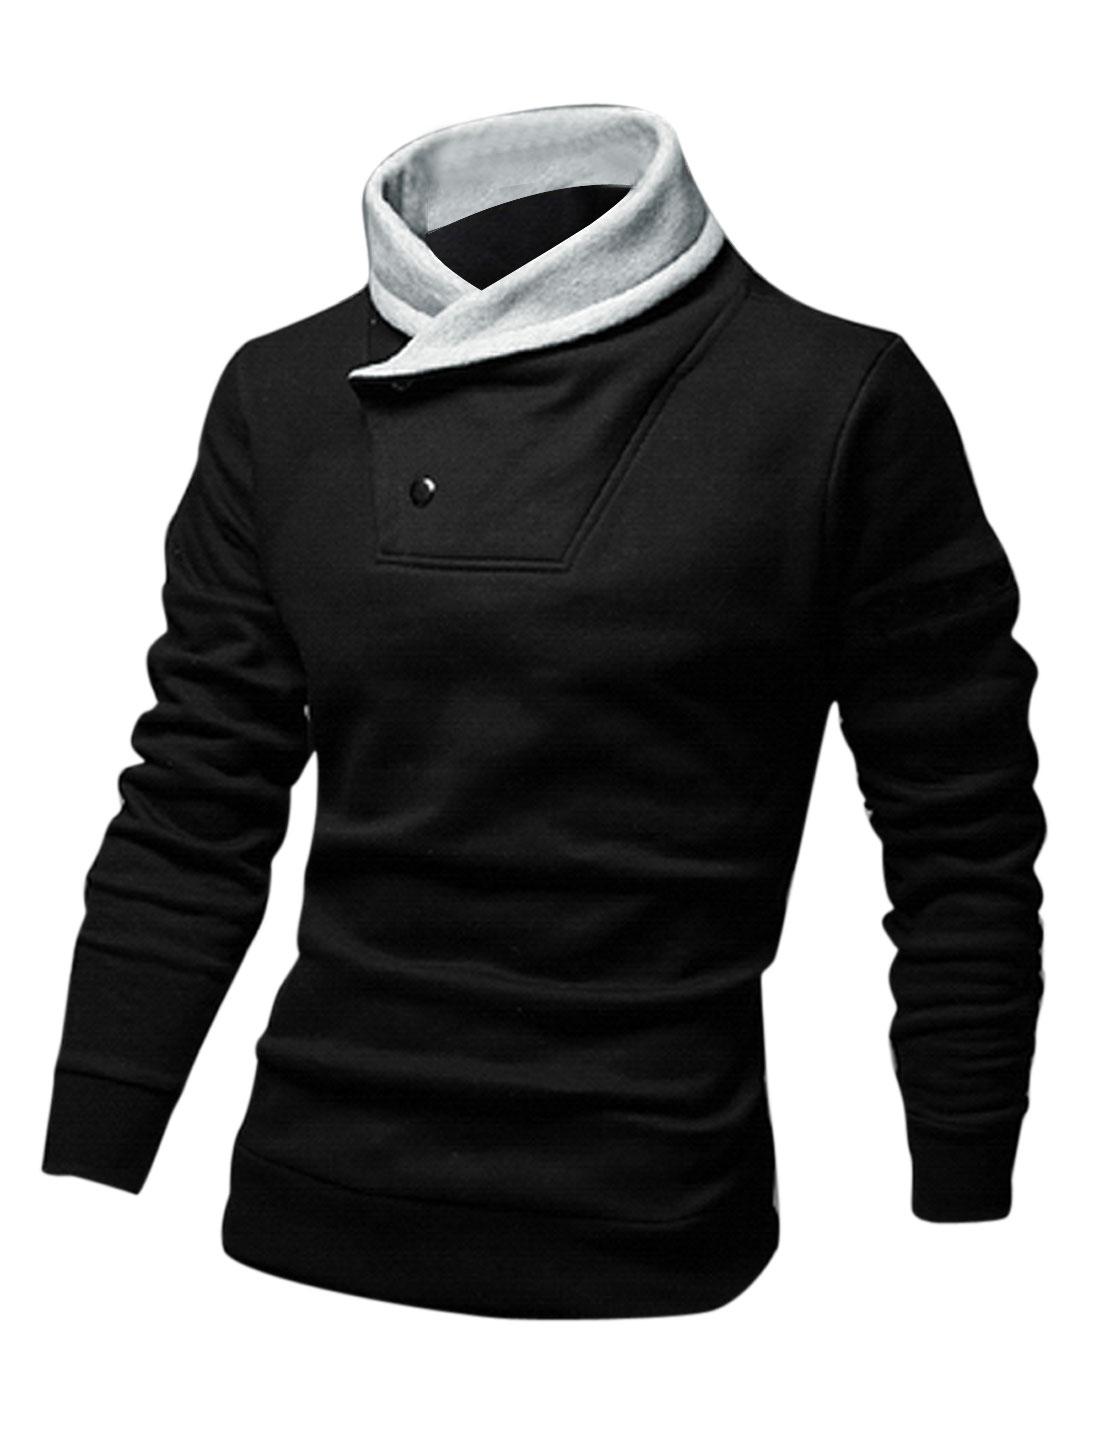 Men Cocoon Neck Contrast Collar Fleece Lined Leisure Sweatshirt Black M